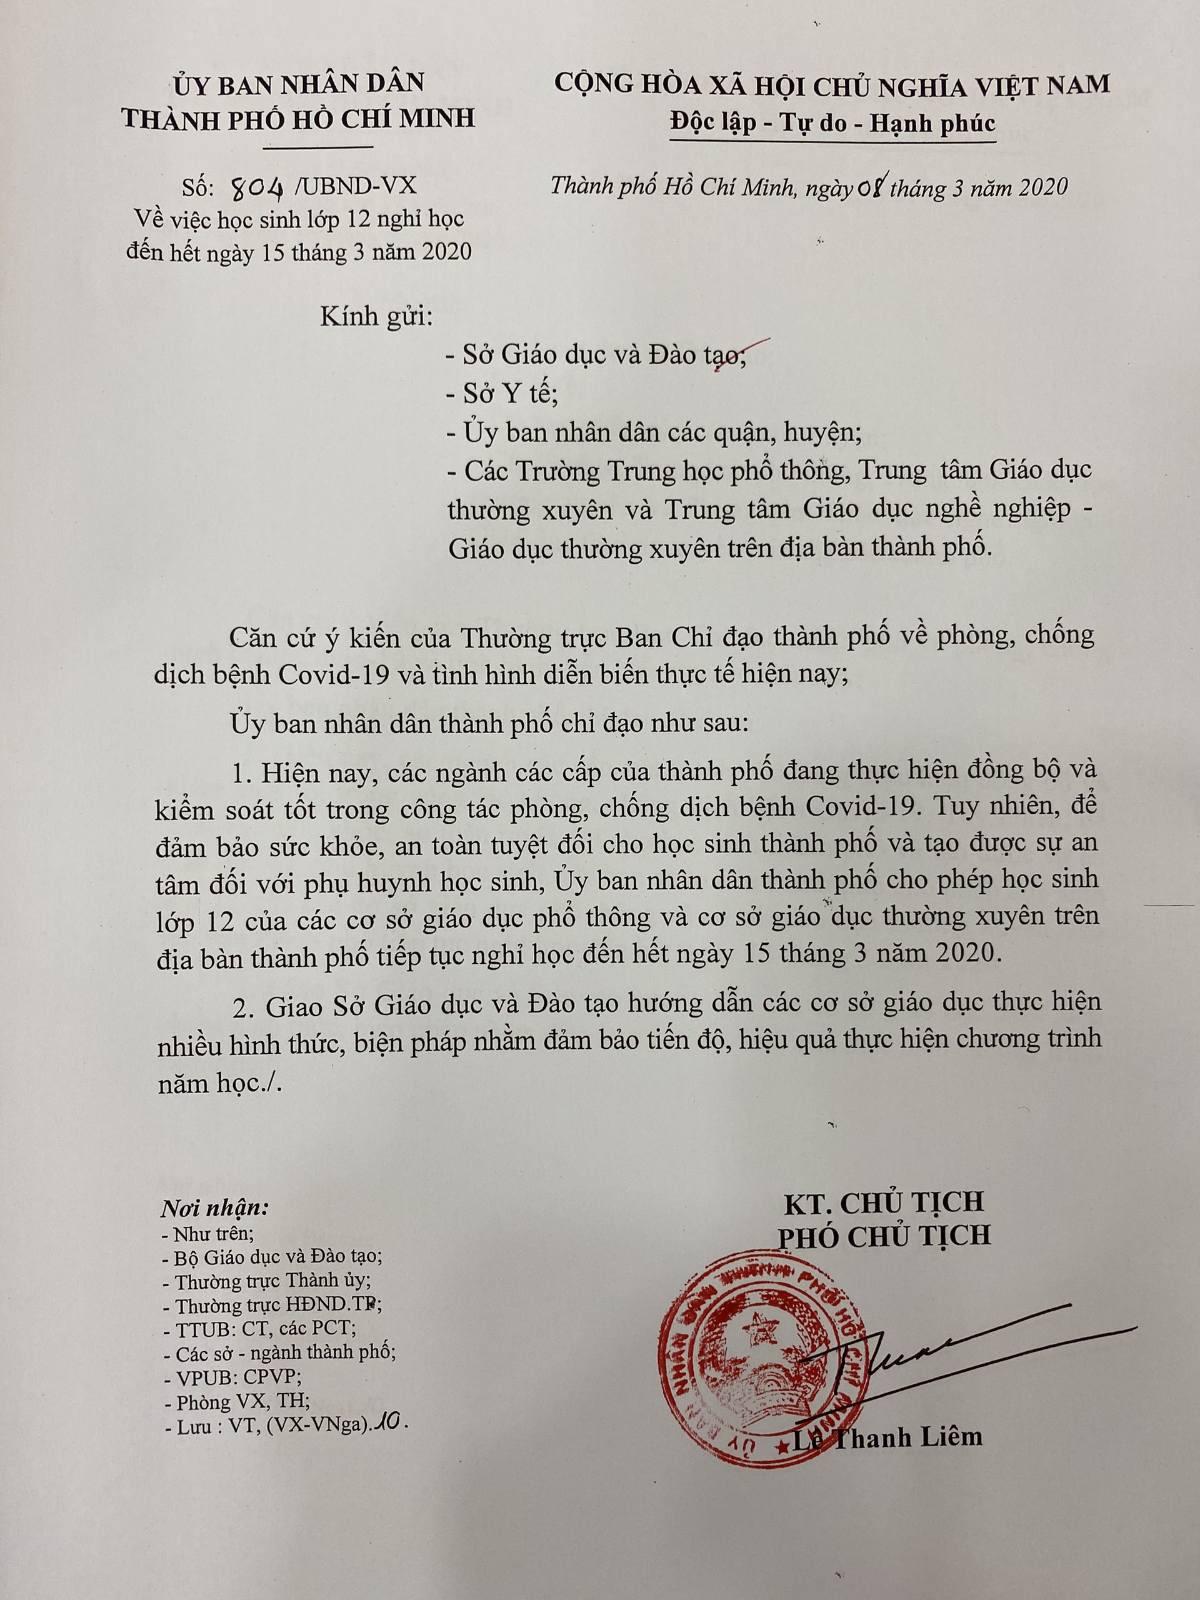 thong bao keo dai lich nghi 15 03